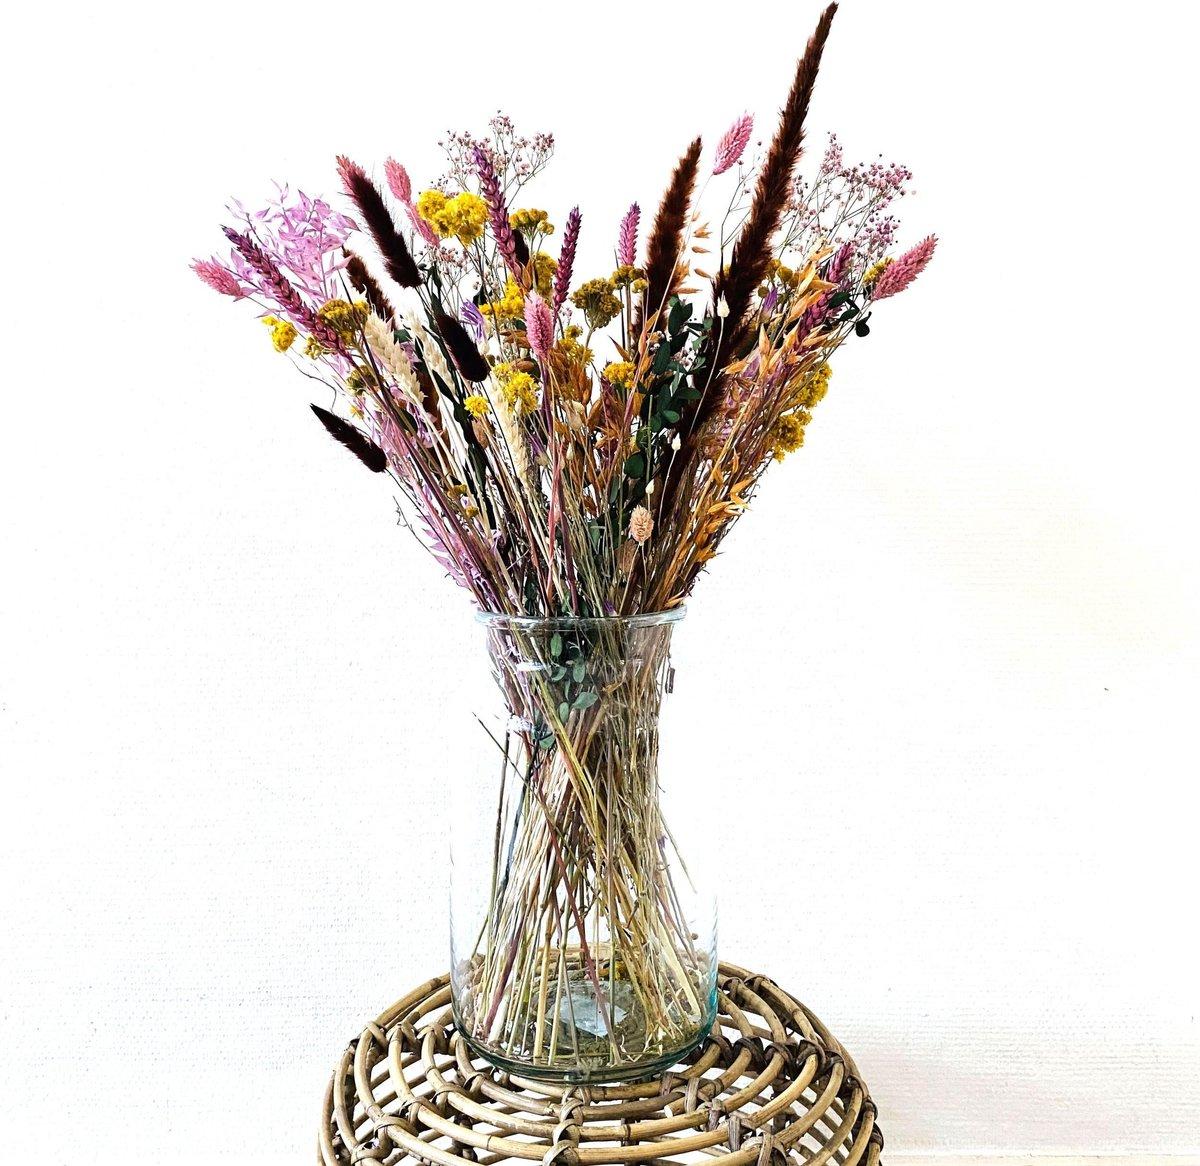 Dry FLWRS Droogboeket SPRING FLOWERS Droogbloemen Boeket- ® online kopen